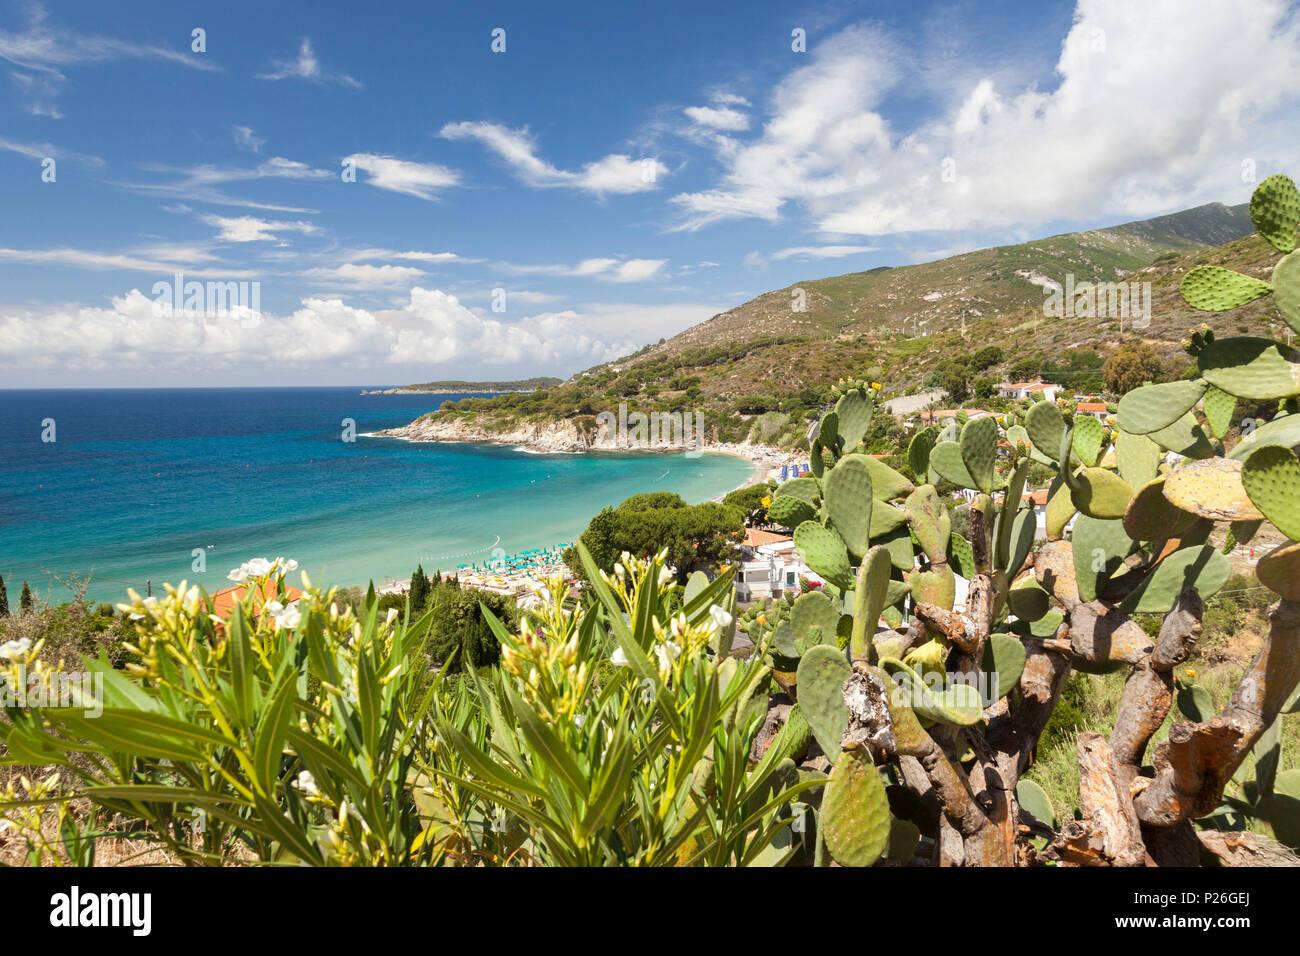 Las tunas en las rocas sobre el mar, Playa Cavoli, Marciana, La Isla de Elba, provincia de Livorno, Toscana, Italia Imagen De Stock